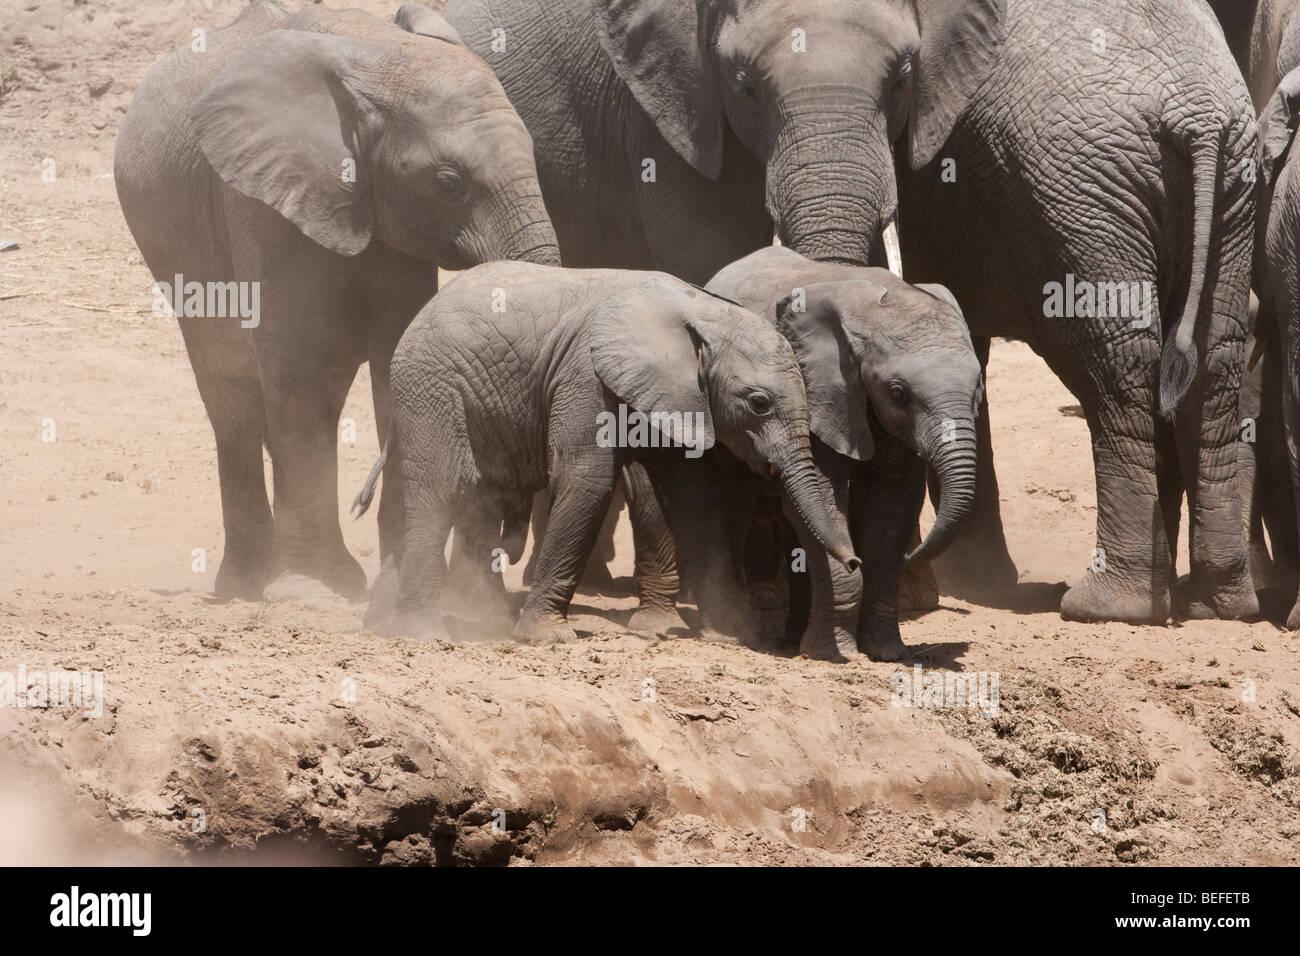 2 simpatico baby elefanti africani giocando, camminare insieme con cautela verso il basso ripida riva del fiume Immagini Stock